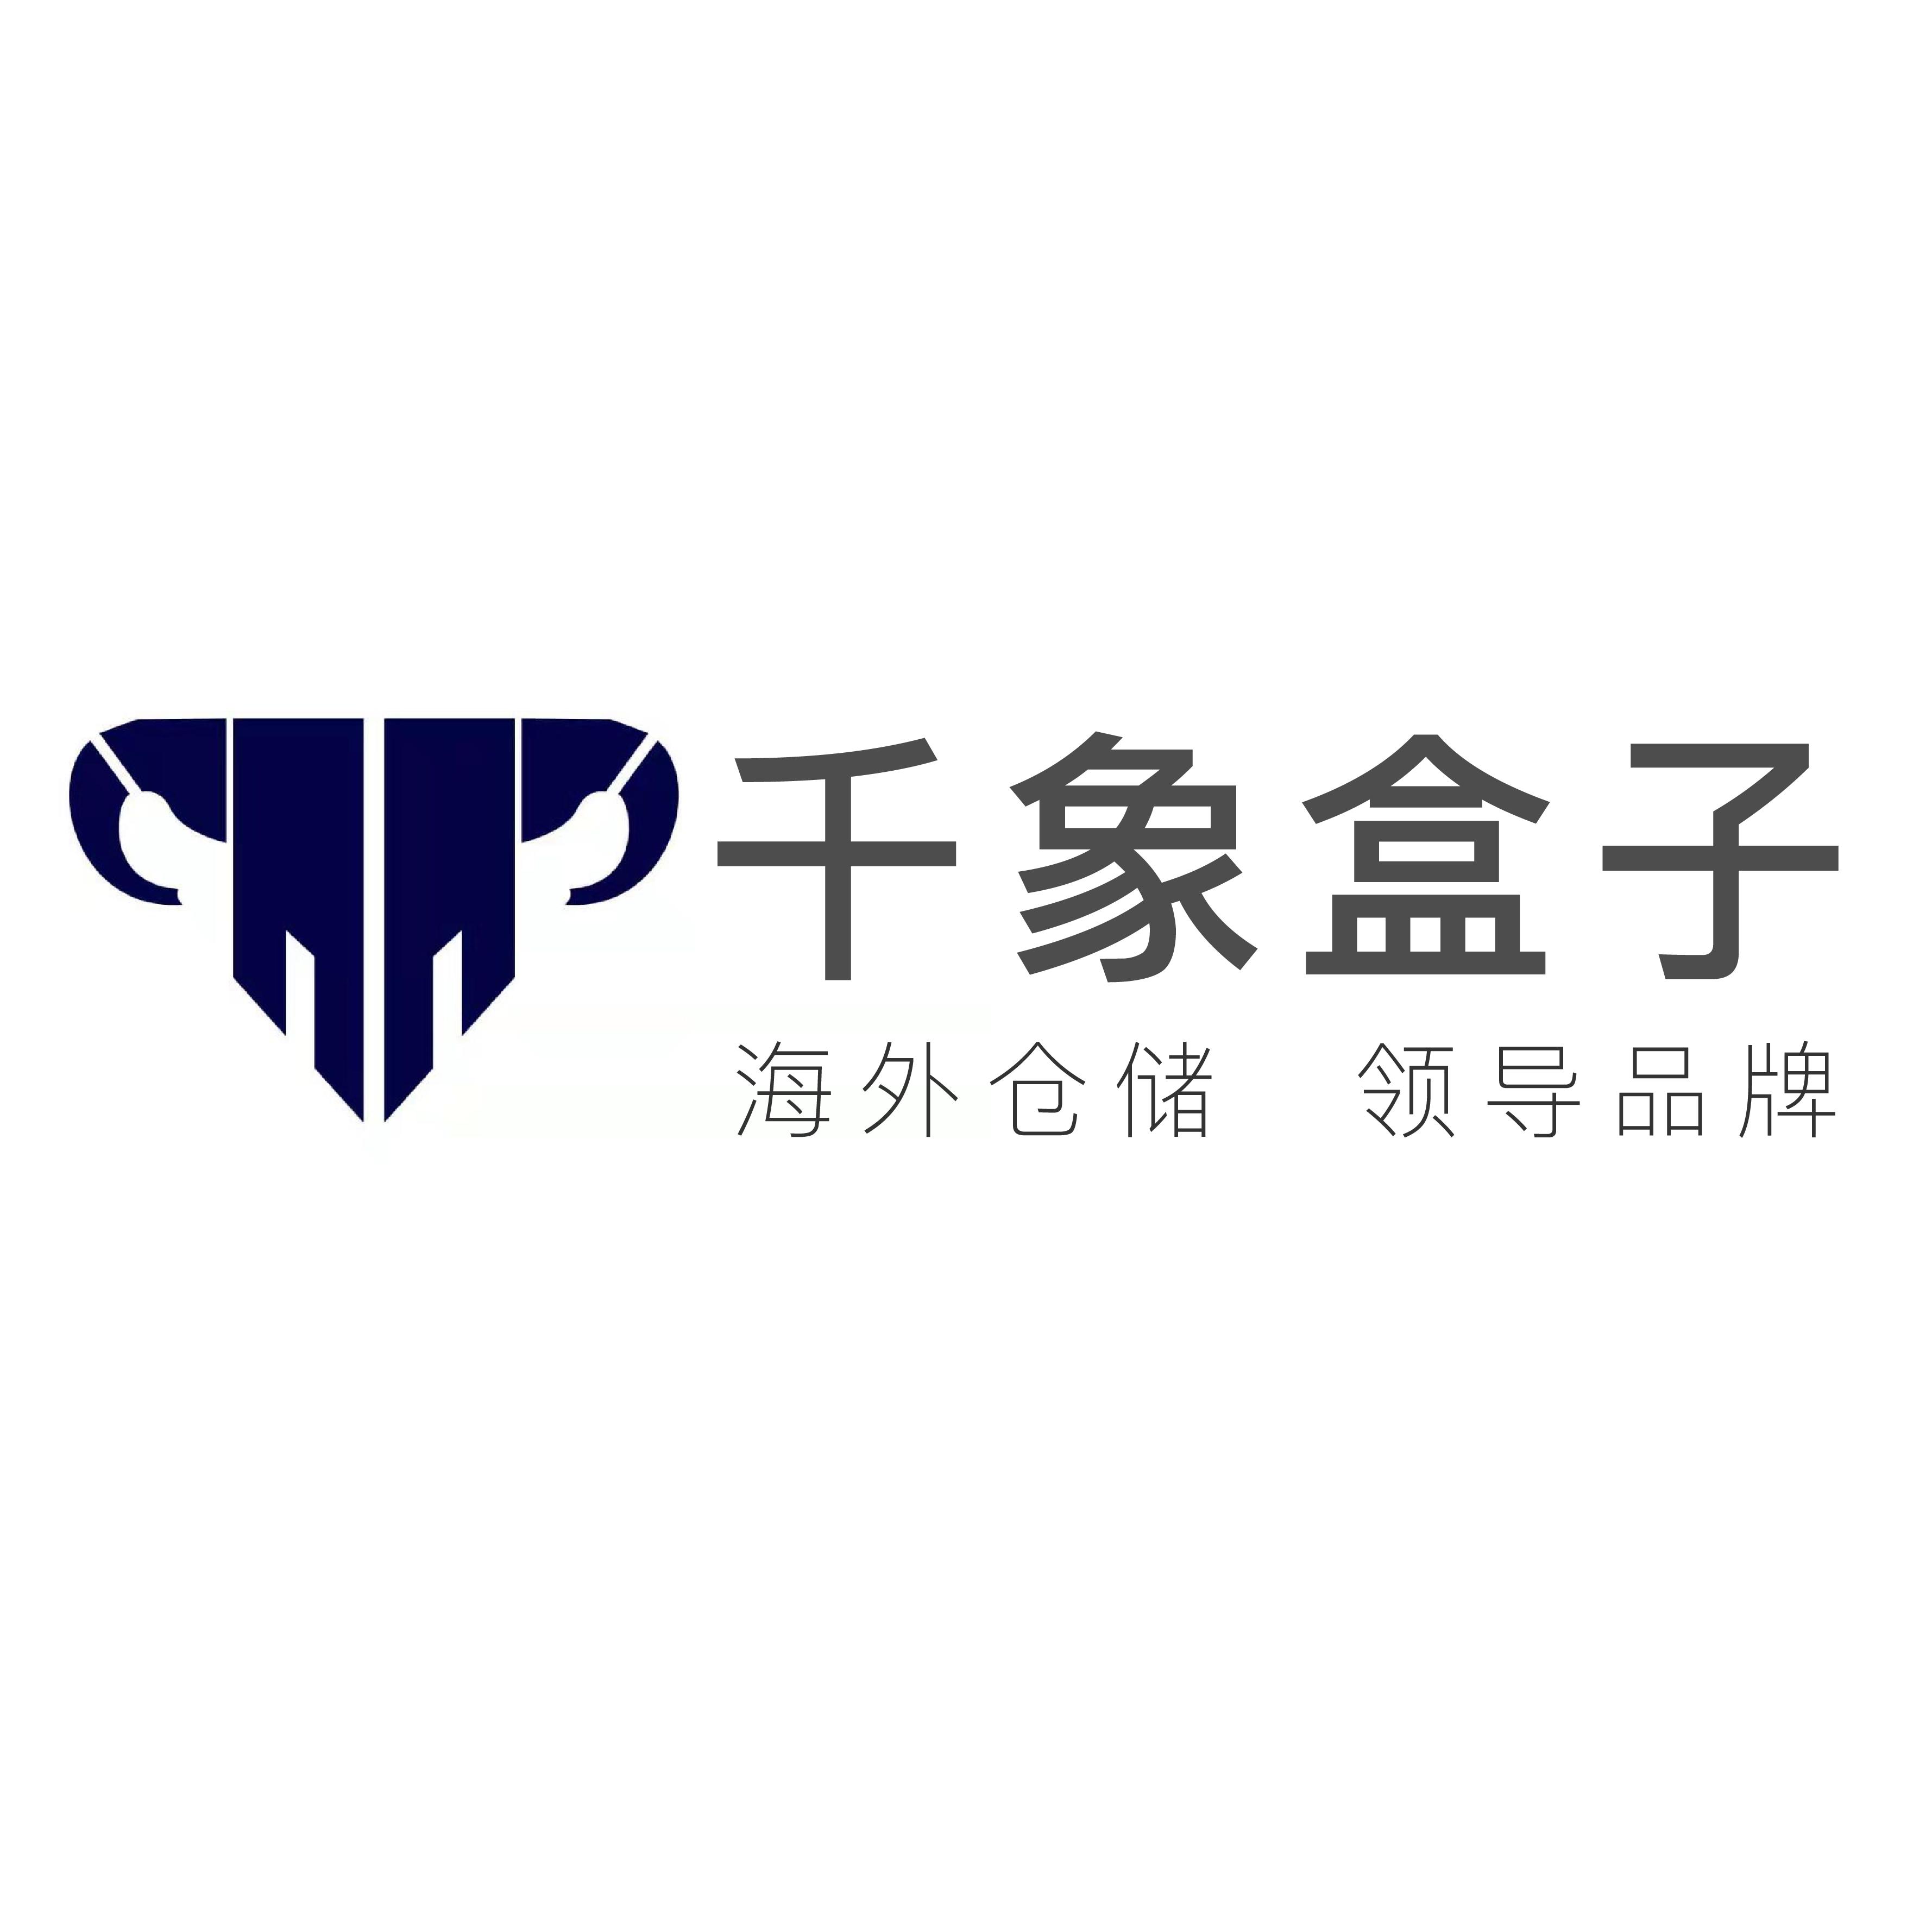 千象盒子科技仓储(深圳)有限公司